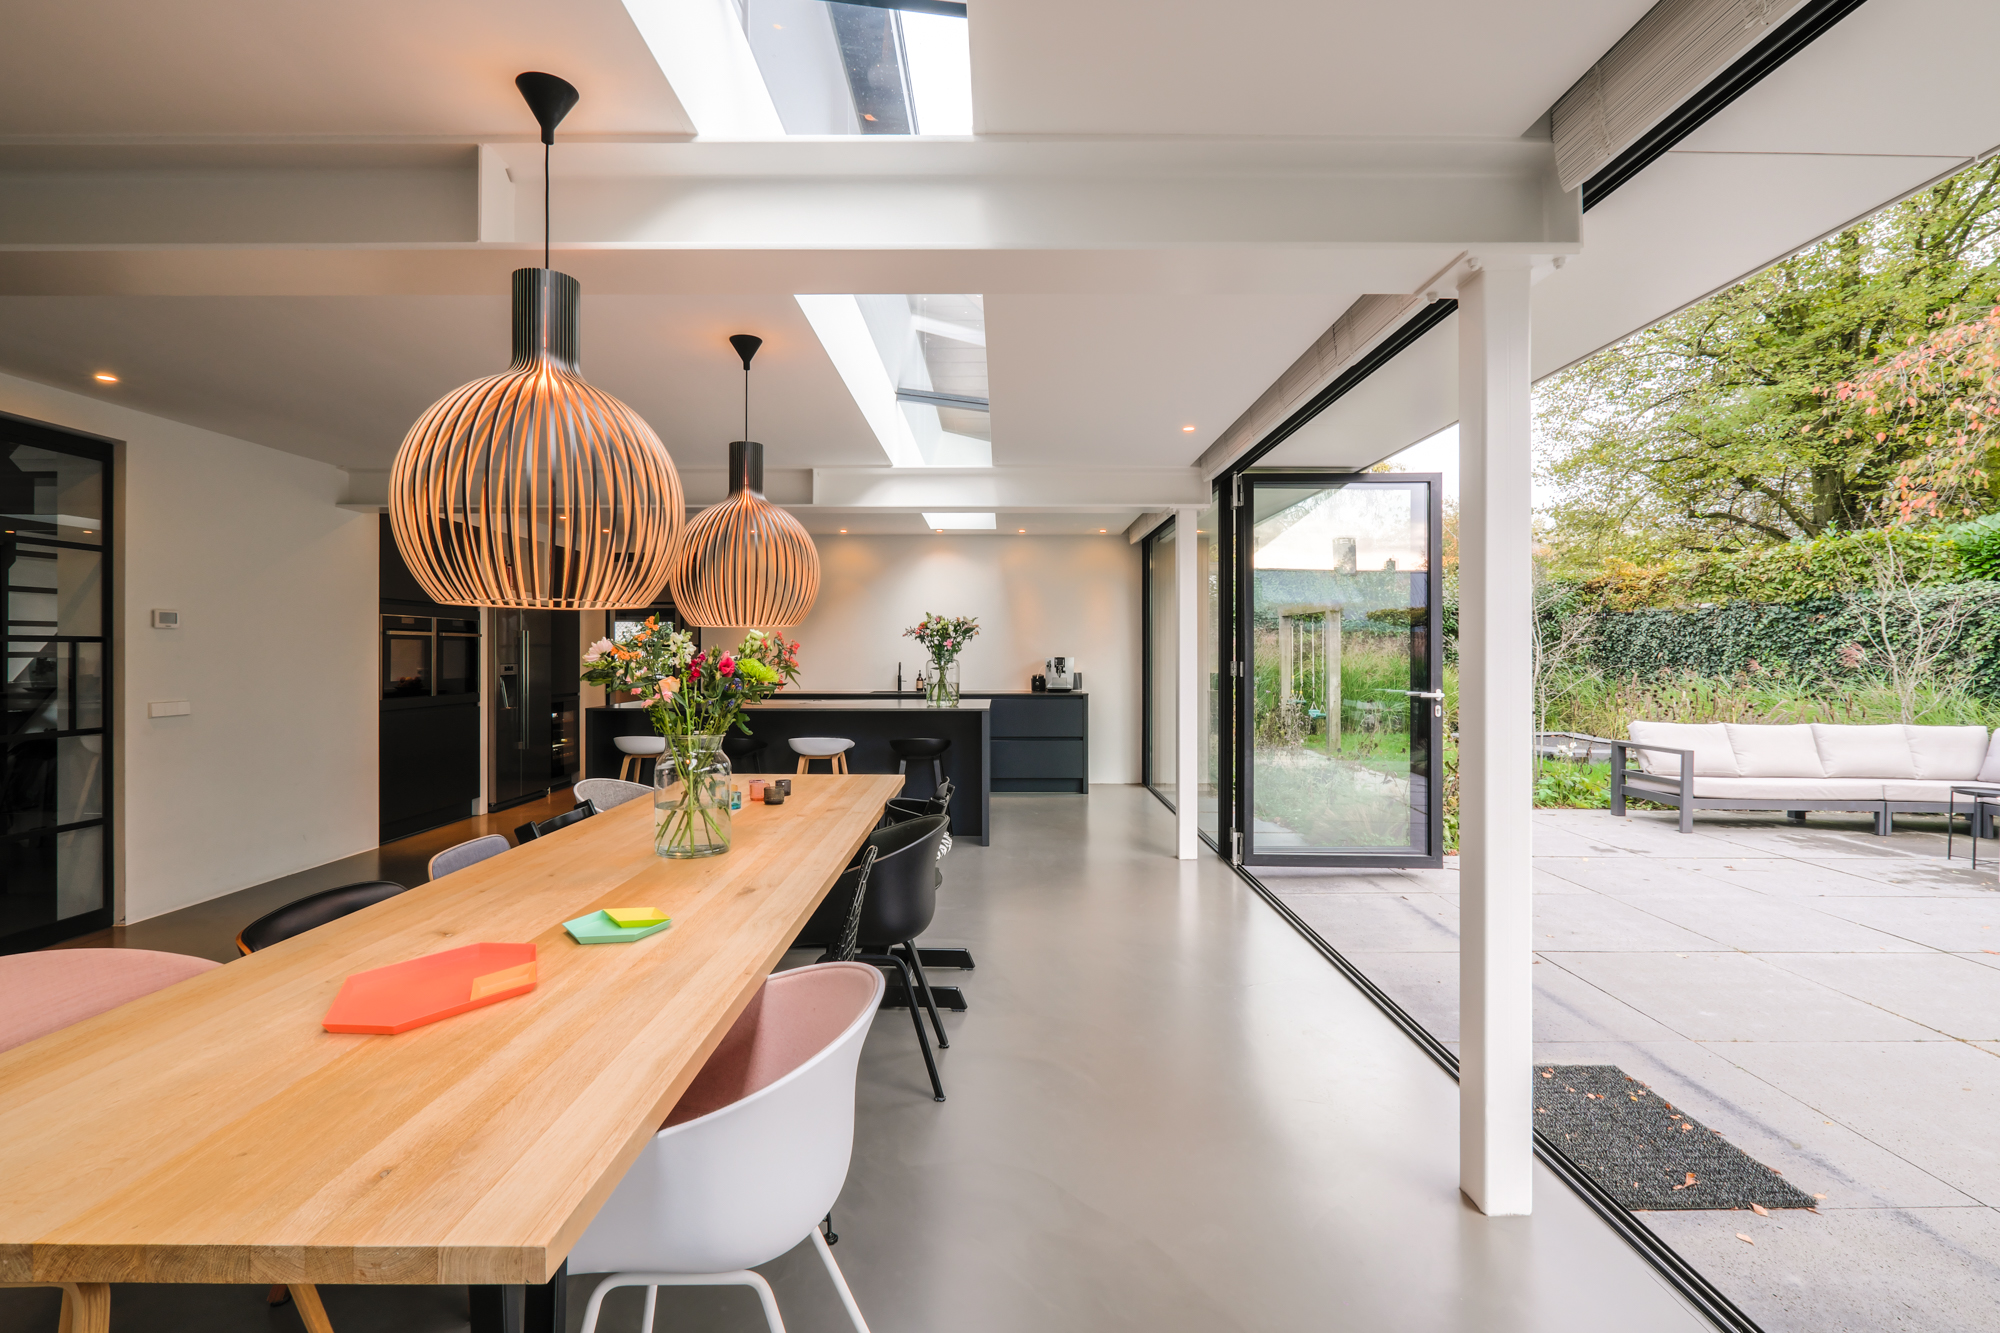 van-os-architecten-breda-ontwerp-moderne-aanbouw-met-aluminium-vouwschuifpui-stalen-draagconstructie